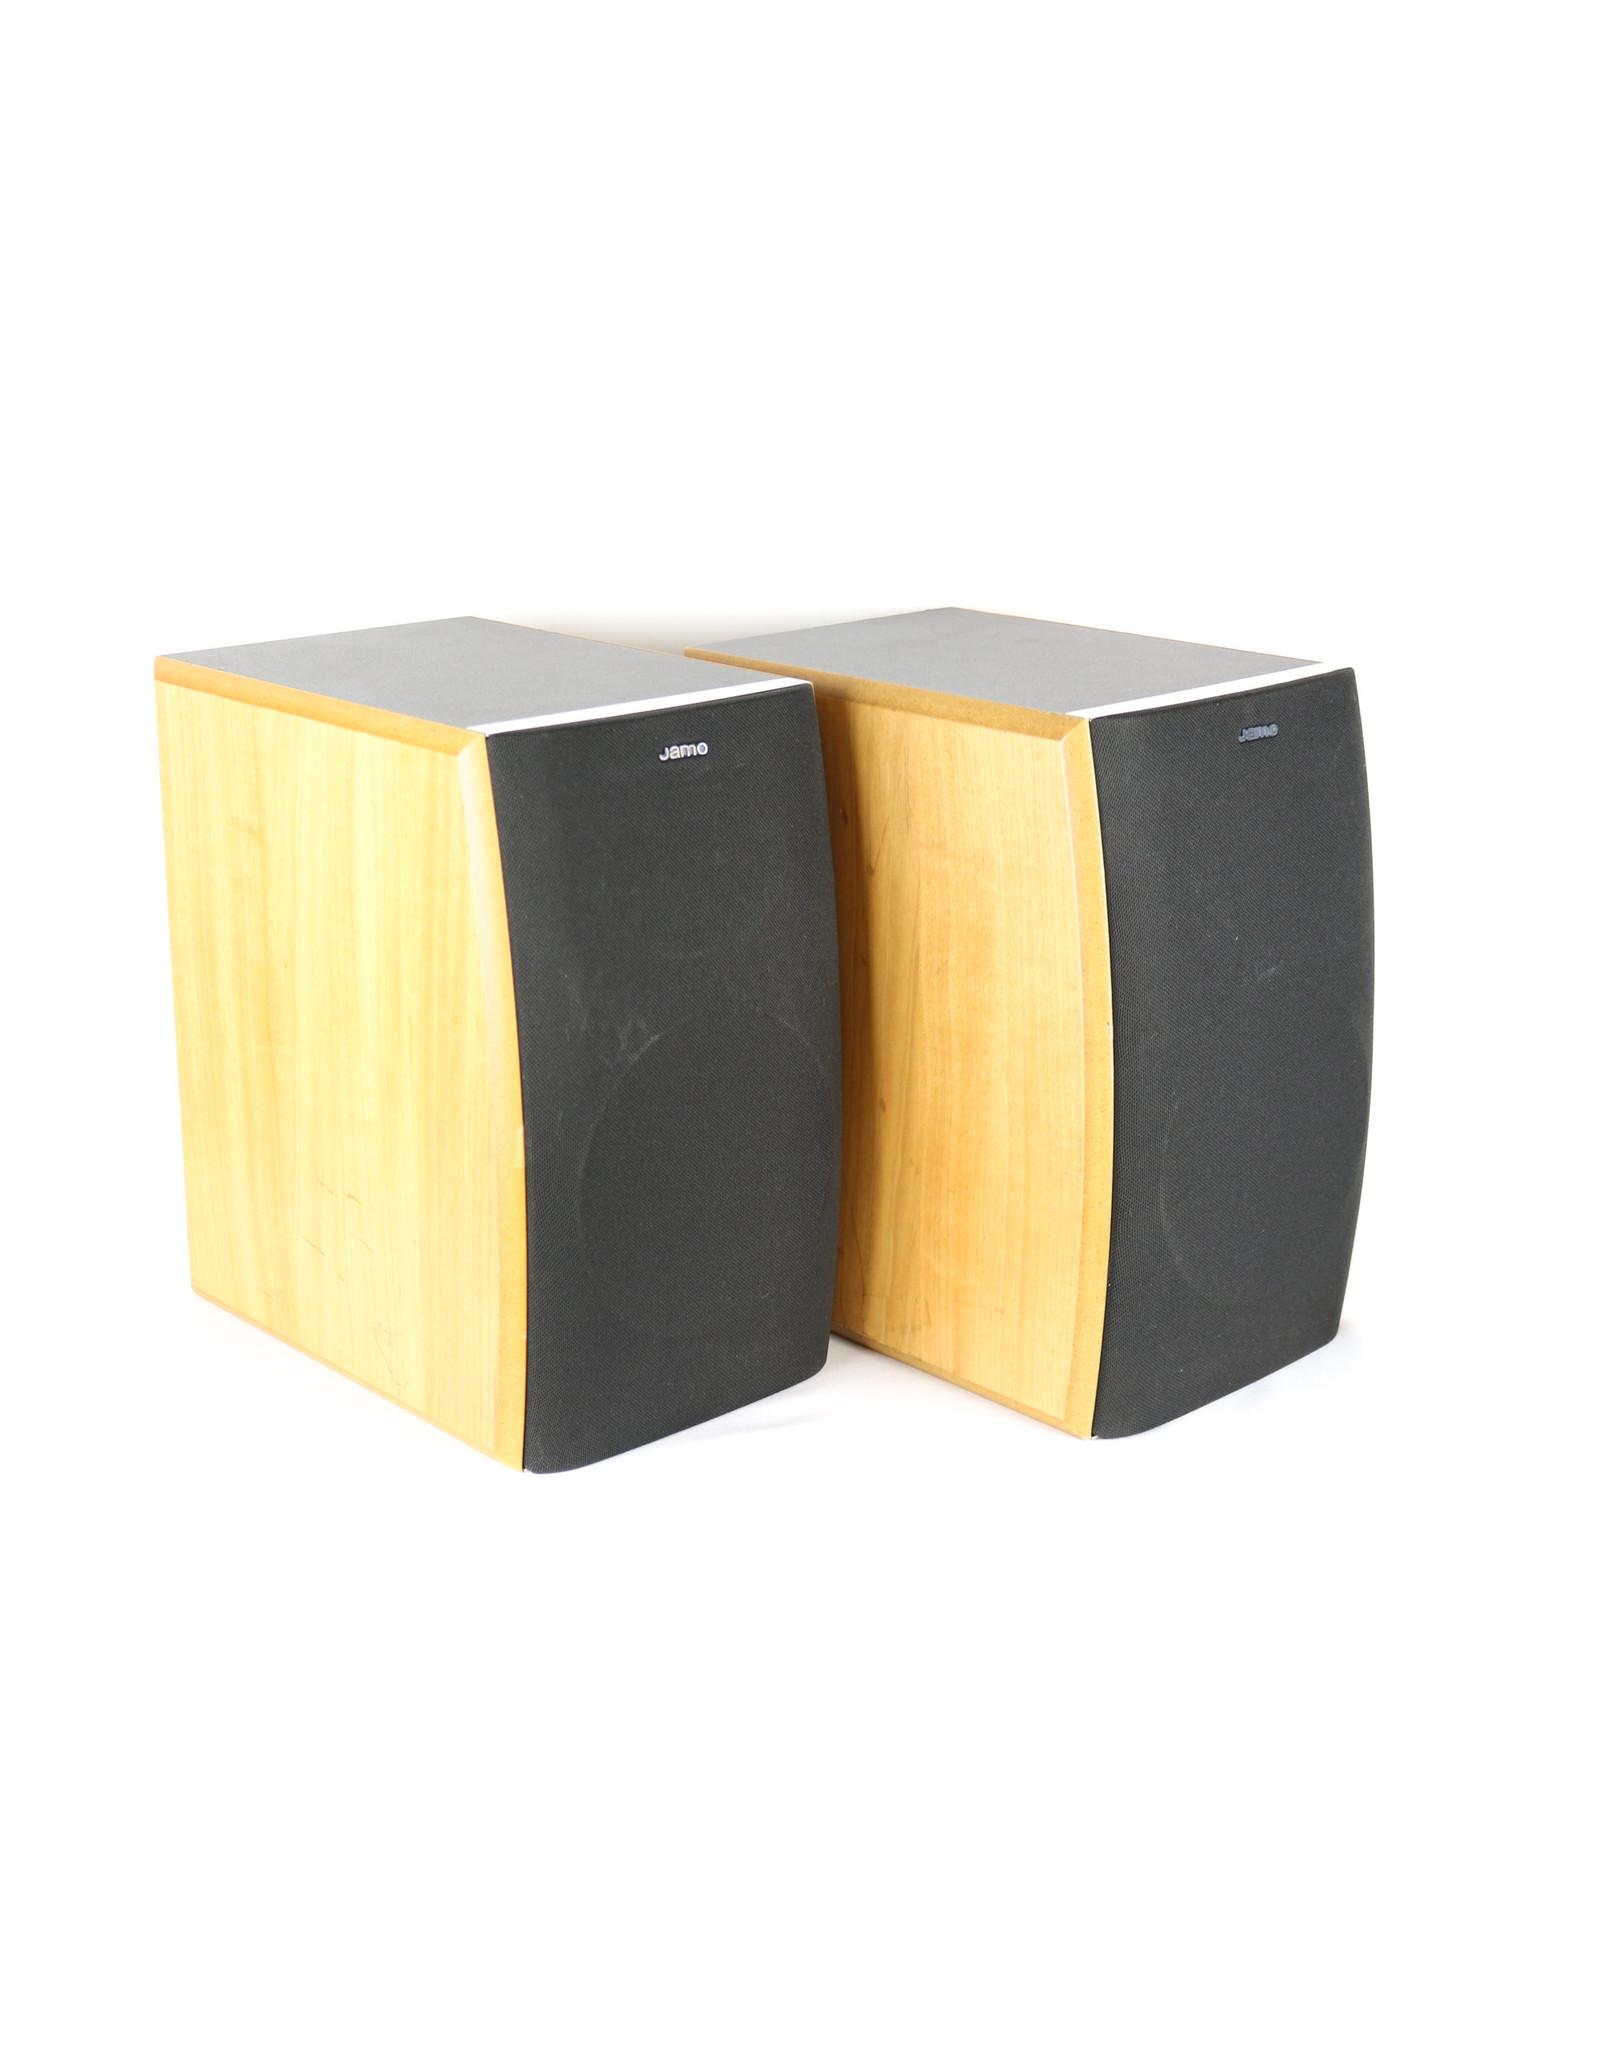 Jamo Jamo D430 Bookshelf Speakers USED